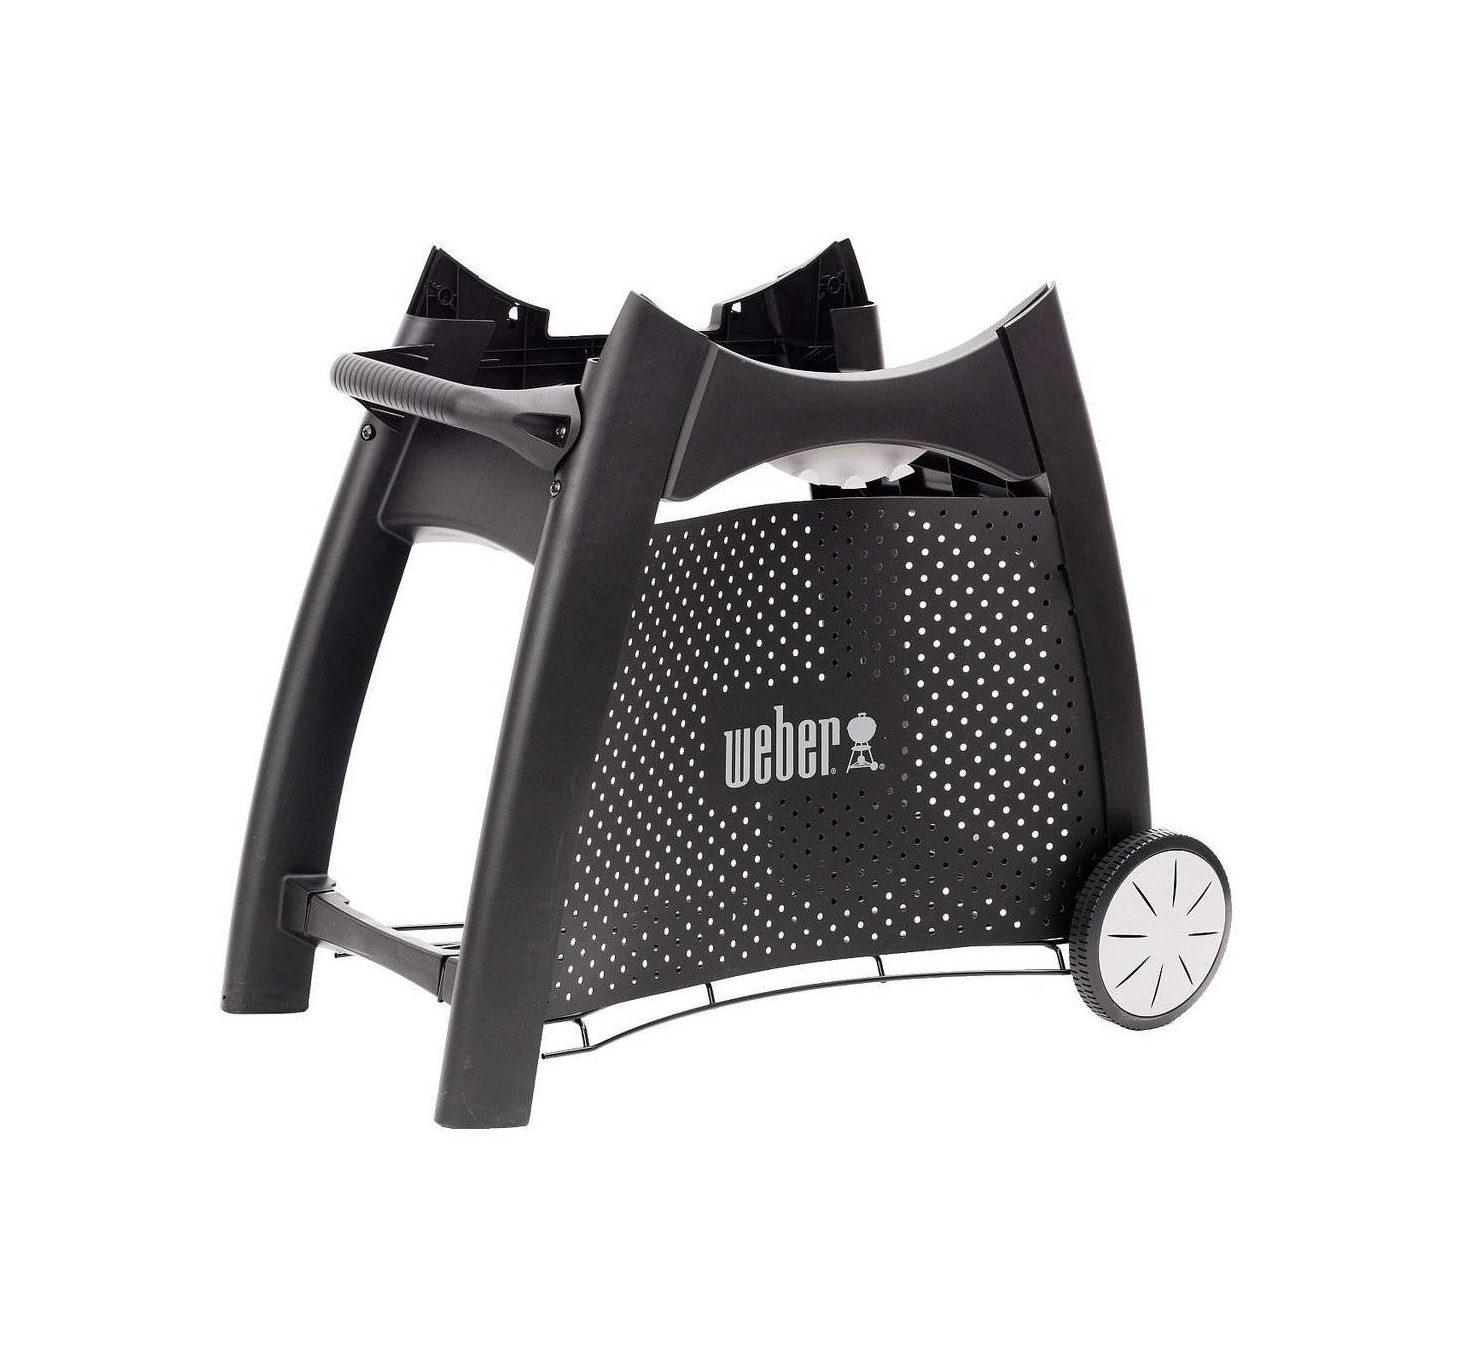 Weber Q2000 cart